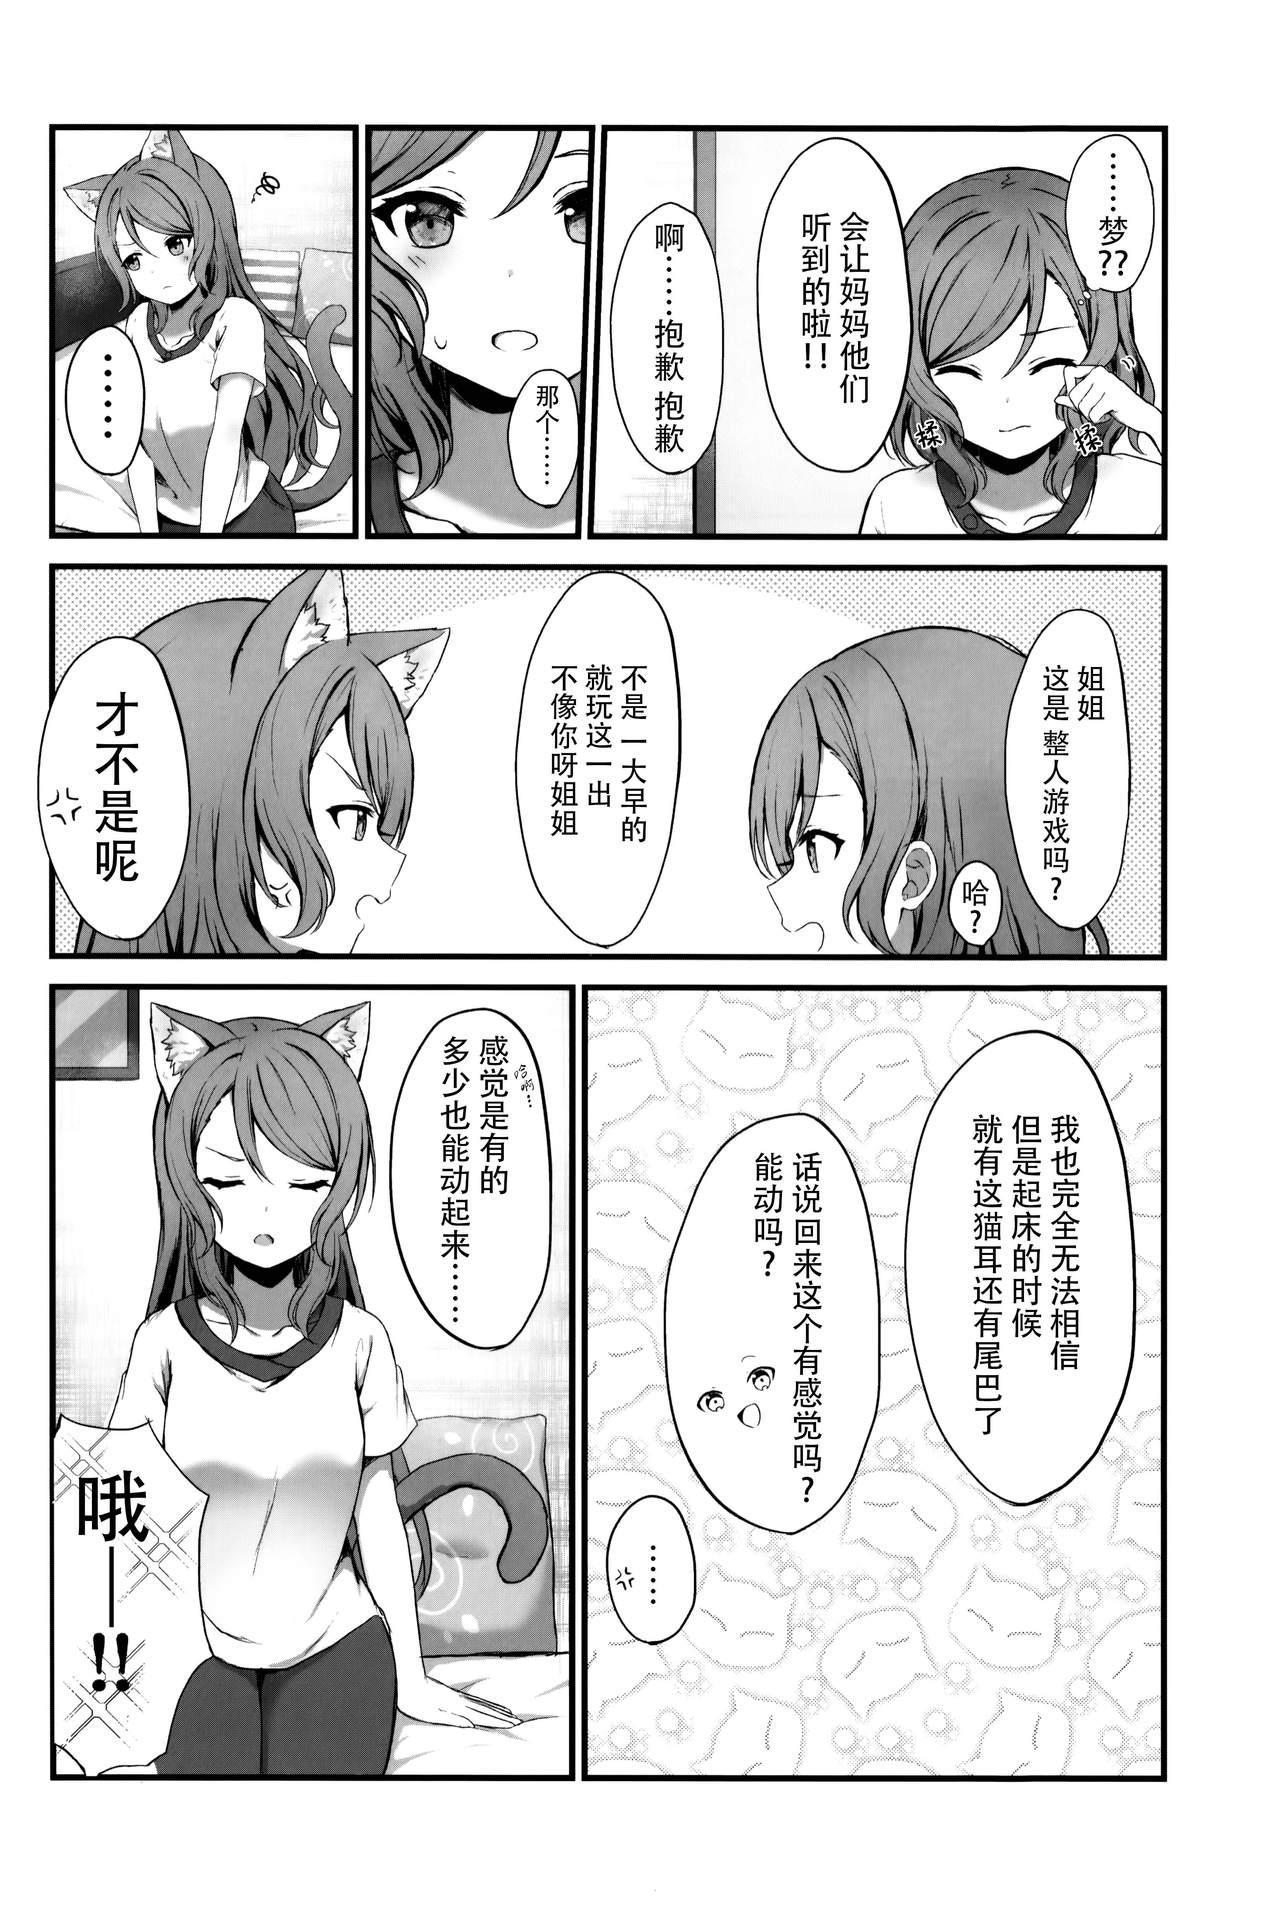 Onee-chan wa Atashi no Neko 5